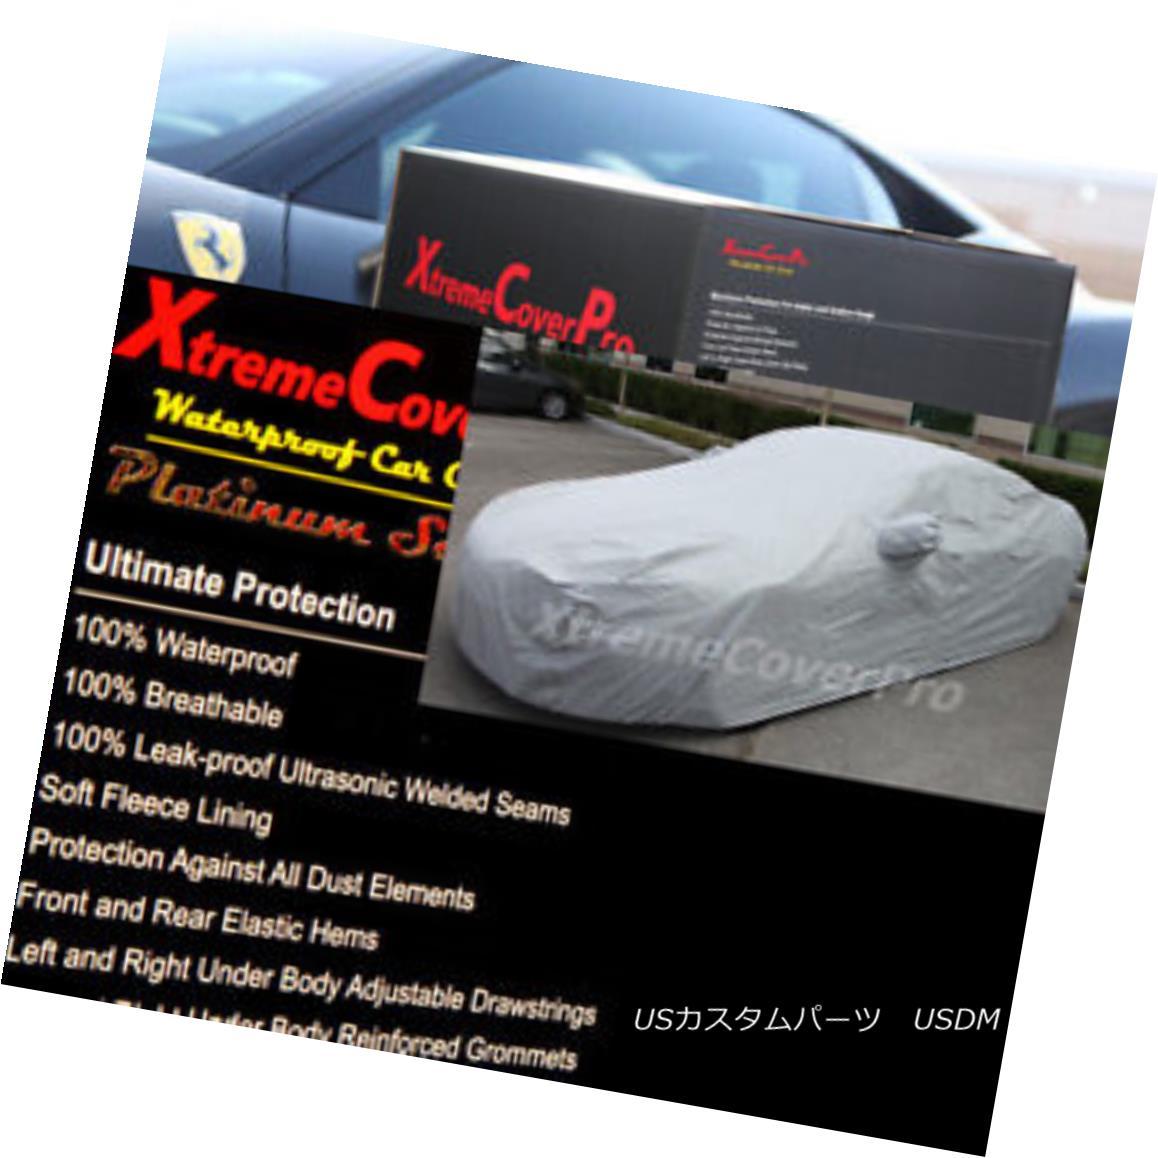 カーカバー 2015 TOYOTA AVALON Waterproof Car Cover w/Mirror Pockets - Gray 2015 TOYOTA AVALONミラーポケット付き防水カーカバー - グレー